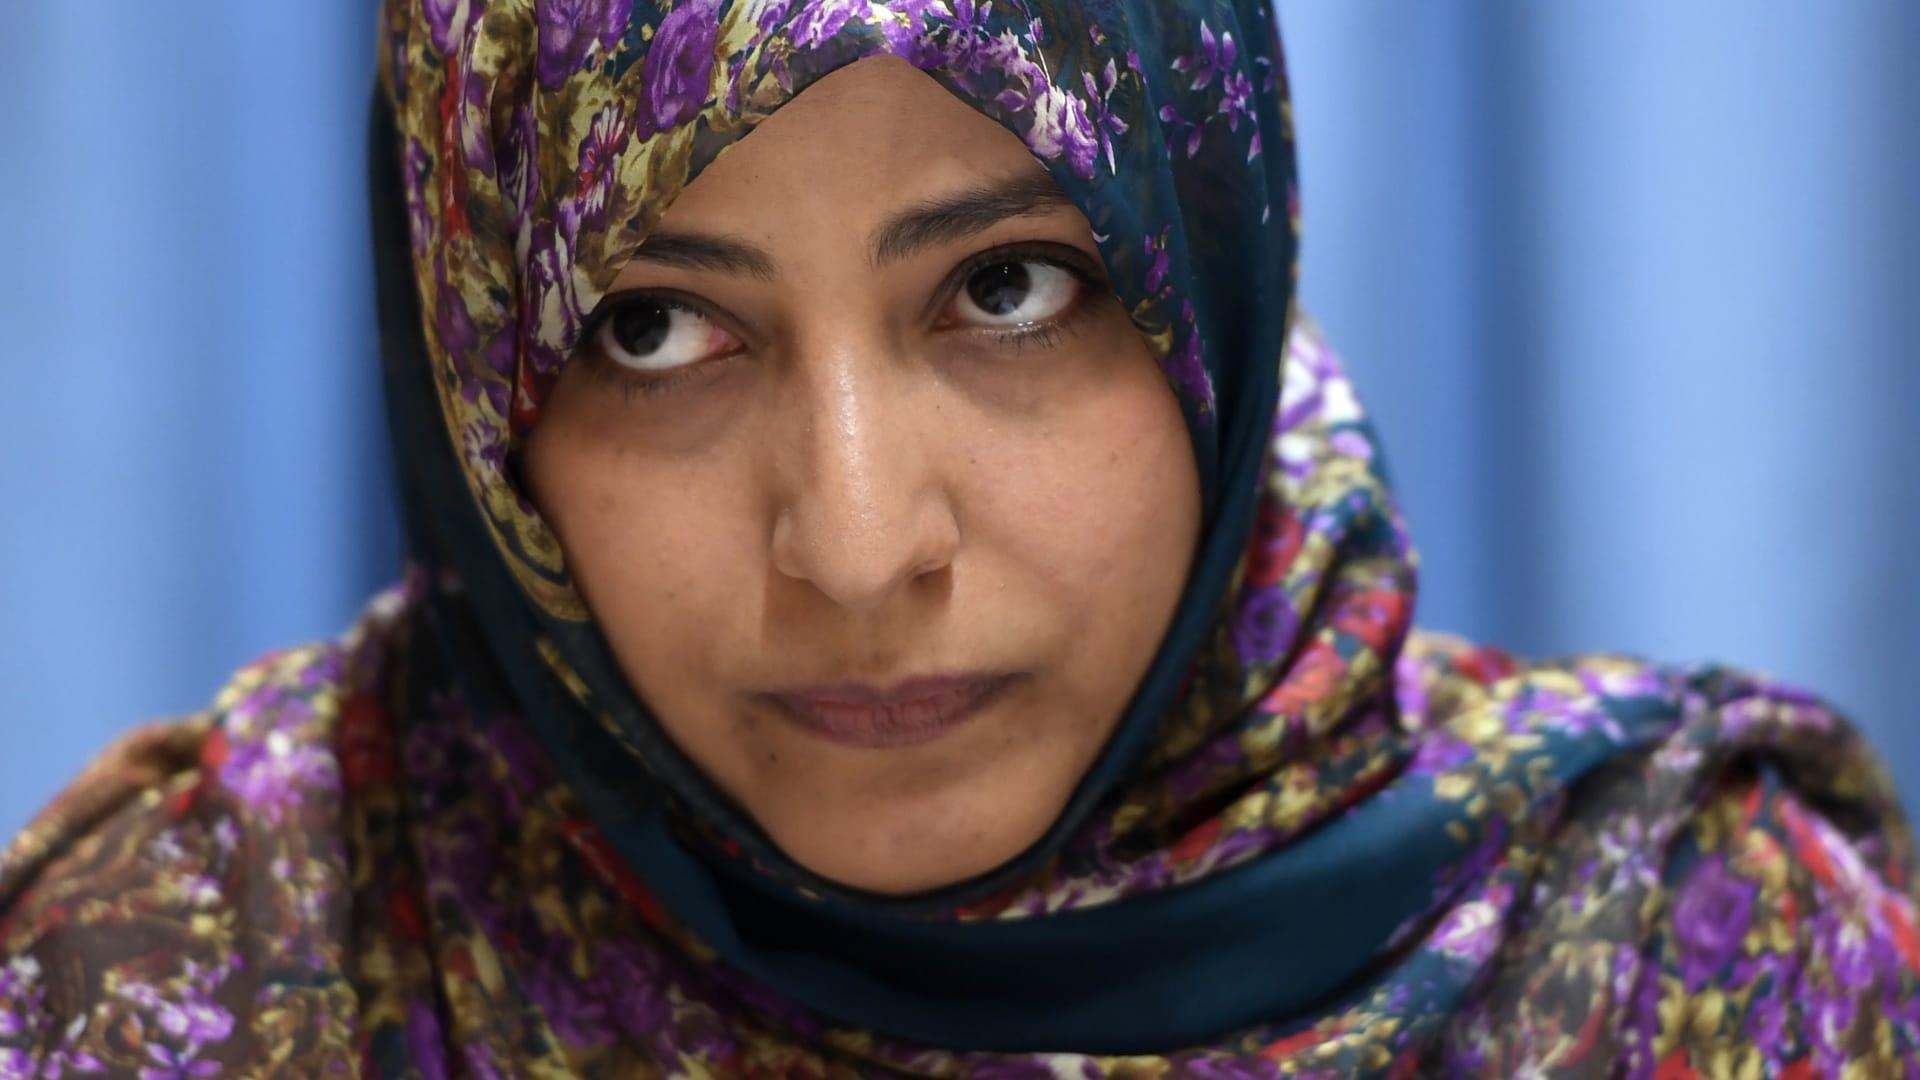 توكل كرمان: الحوثيون استولوا على منزلي ومكتبي في صنعاء.. وهذا طبع اللصوص